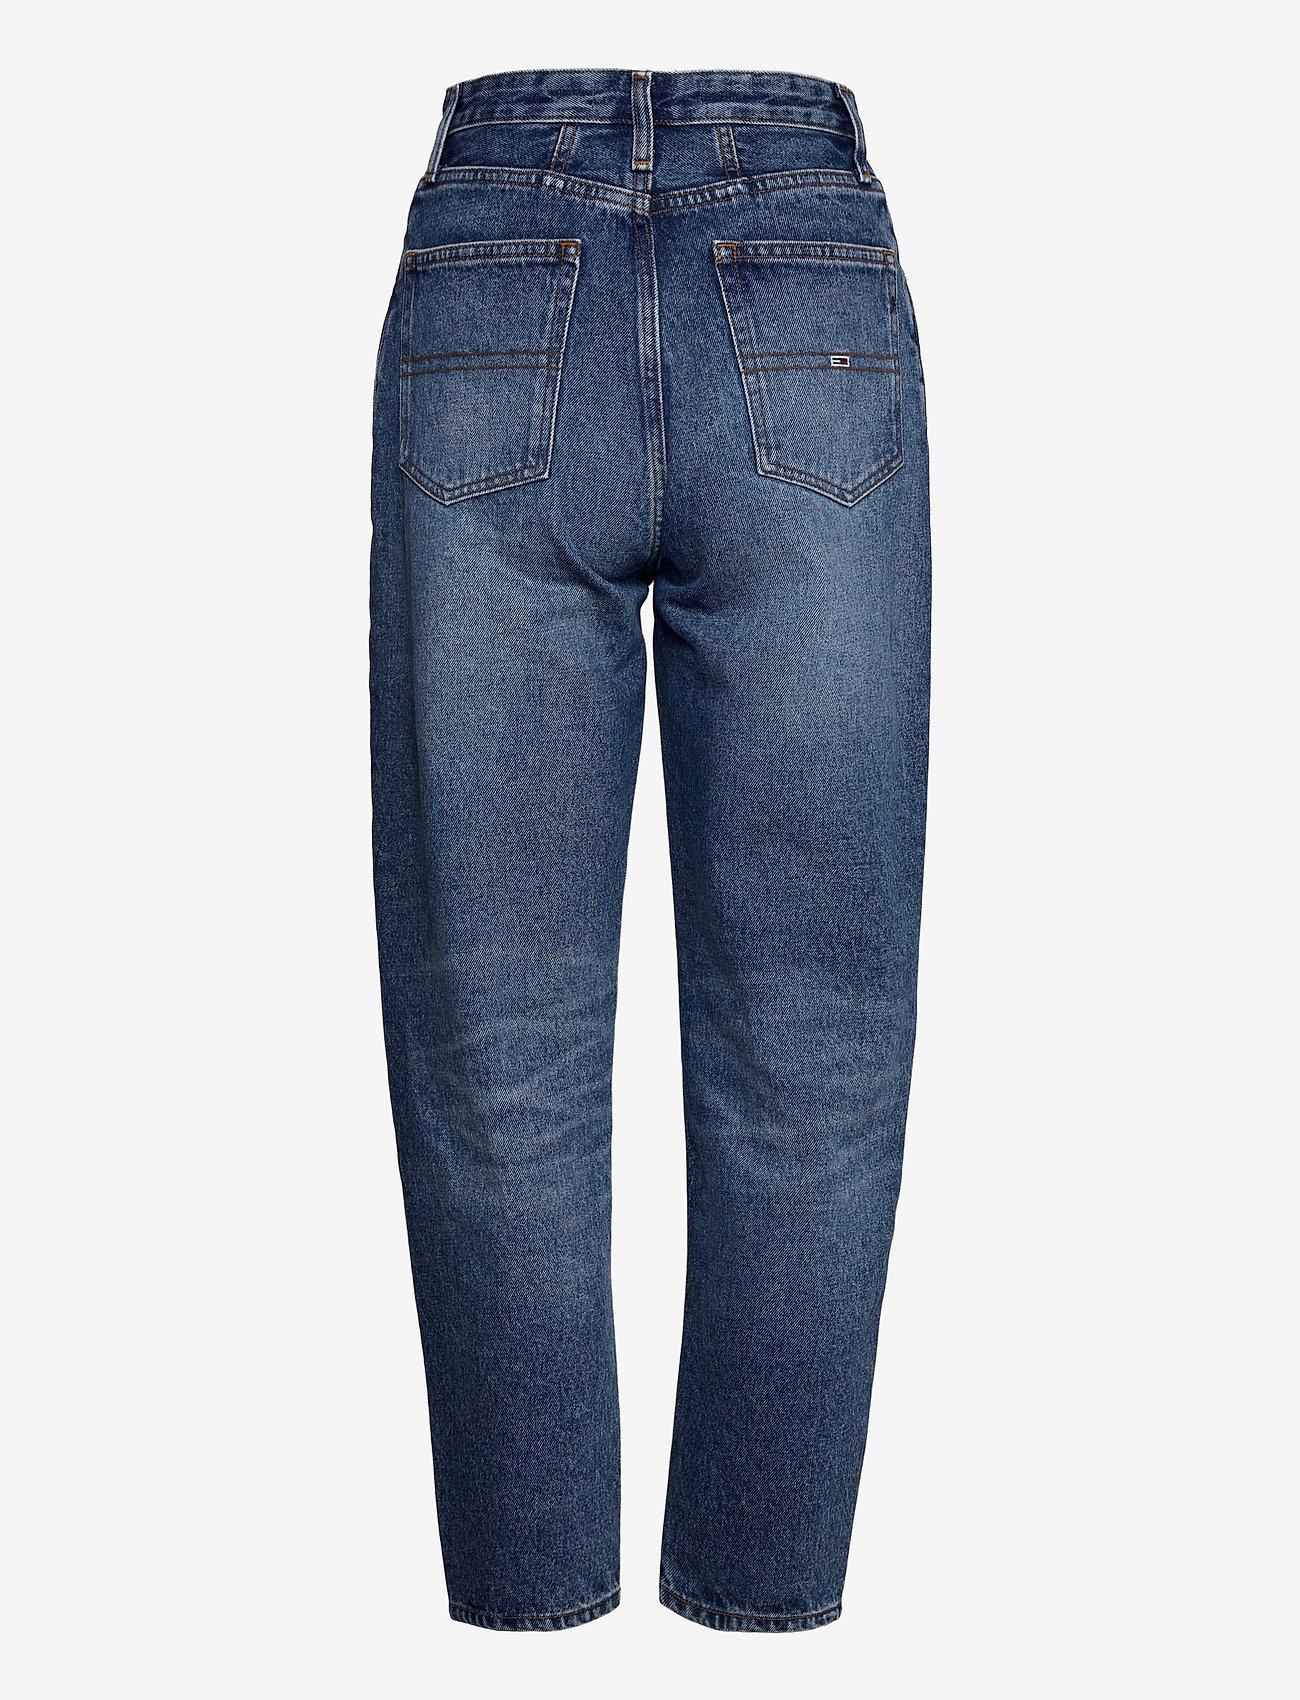 Tommy Jeans - MOM JEAN ULTRA HR TPRD EMF SPMBR - mom jeans - emf sp mb rgd - 1